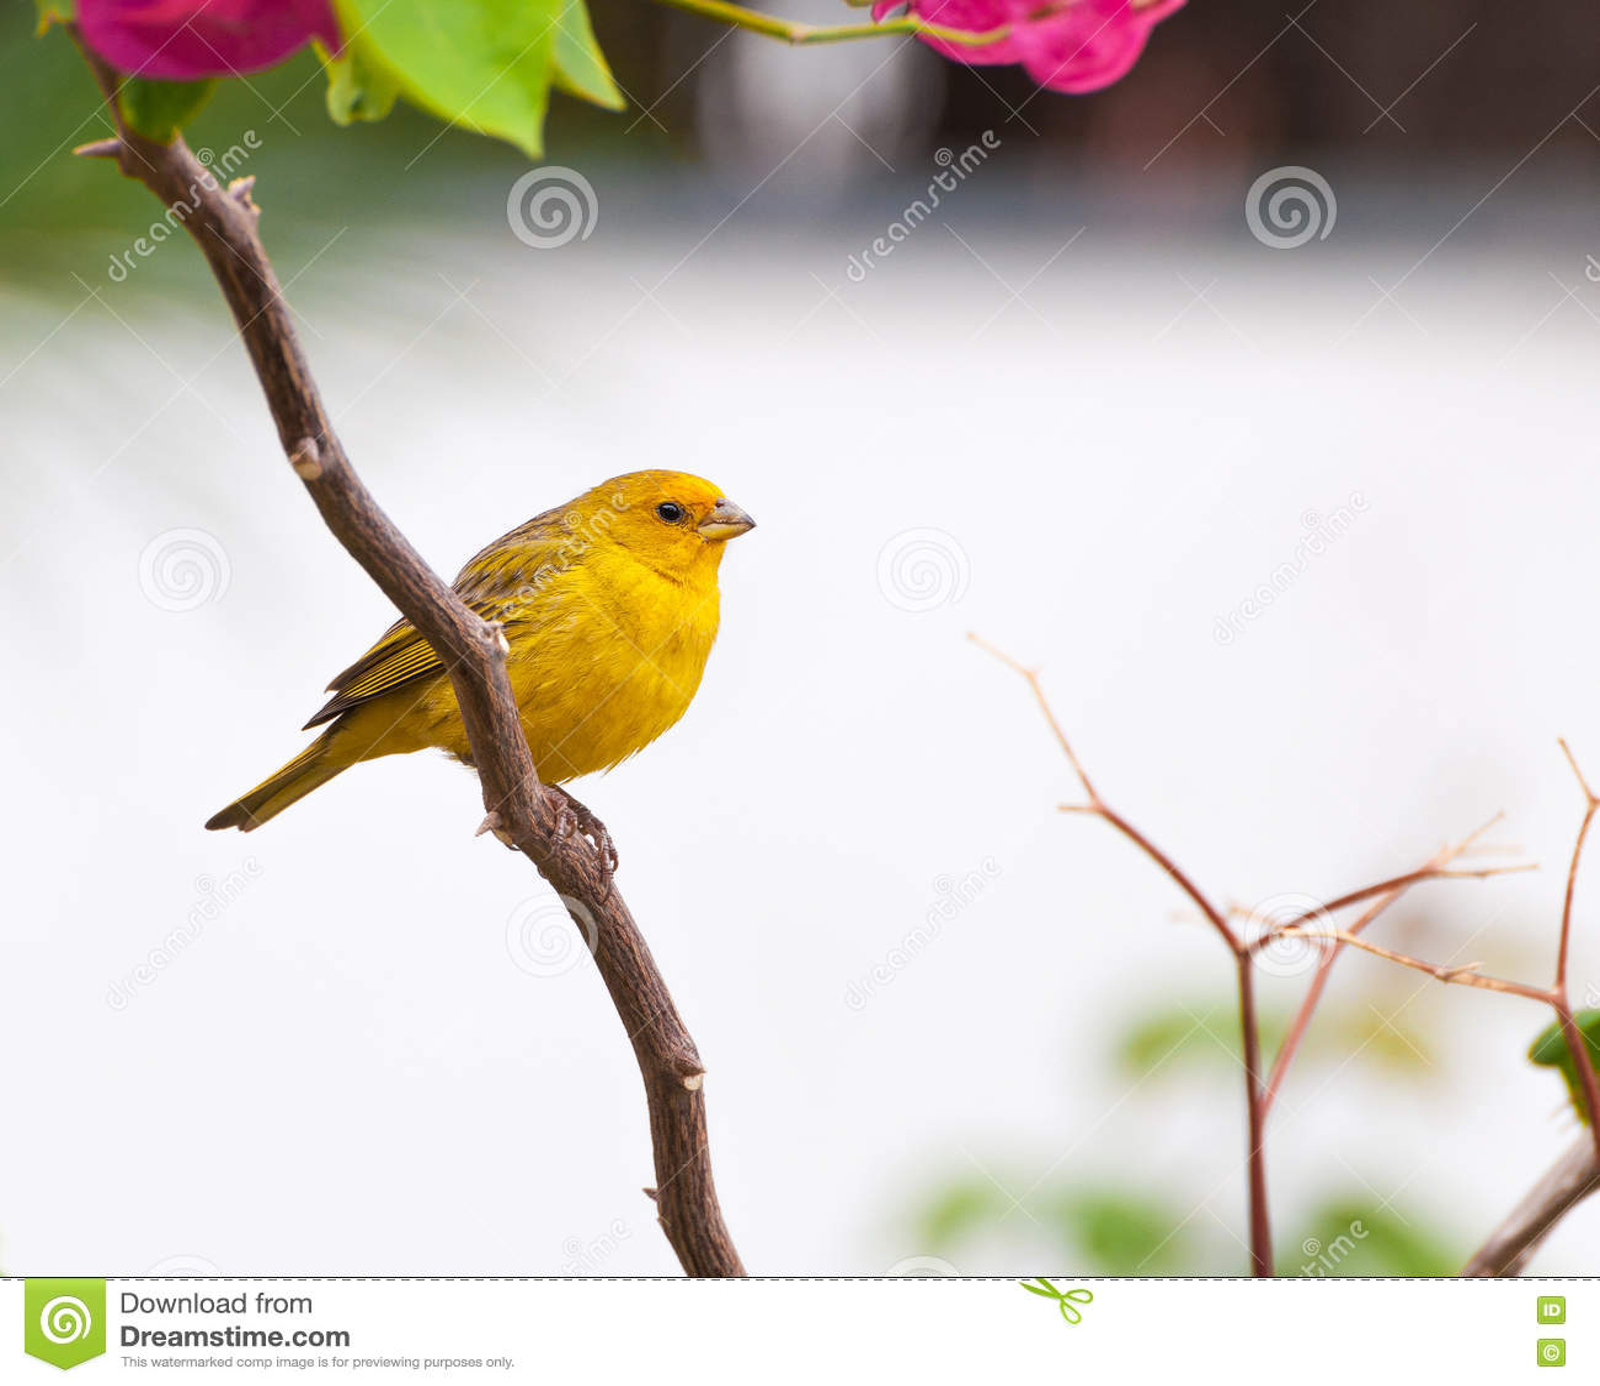 petit oiseau jaune sur la branche d'arbre avec des épines et des